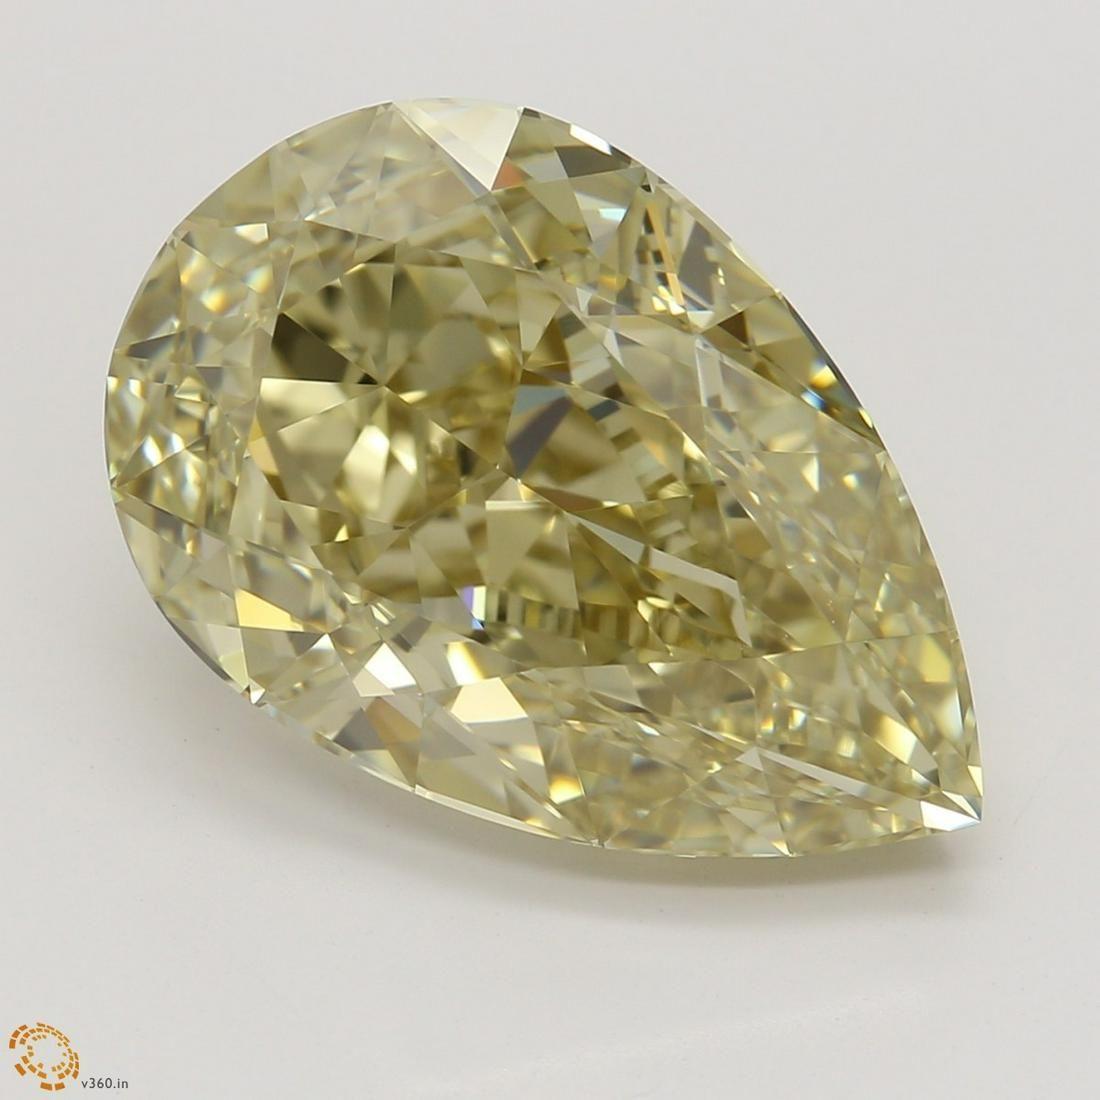 6.01 ct, Brn. Yellow/IF, Pear cut GIA Graded Diamond